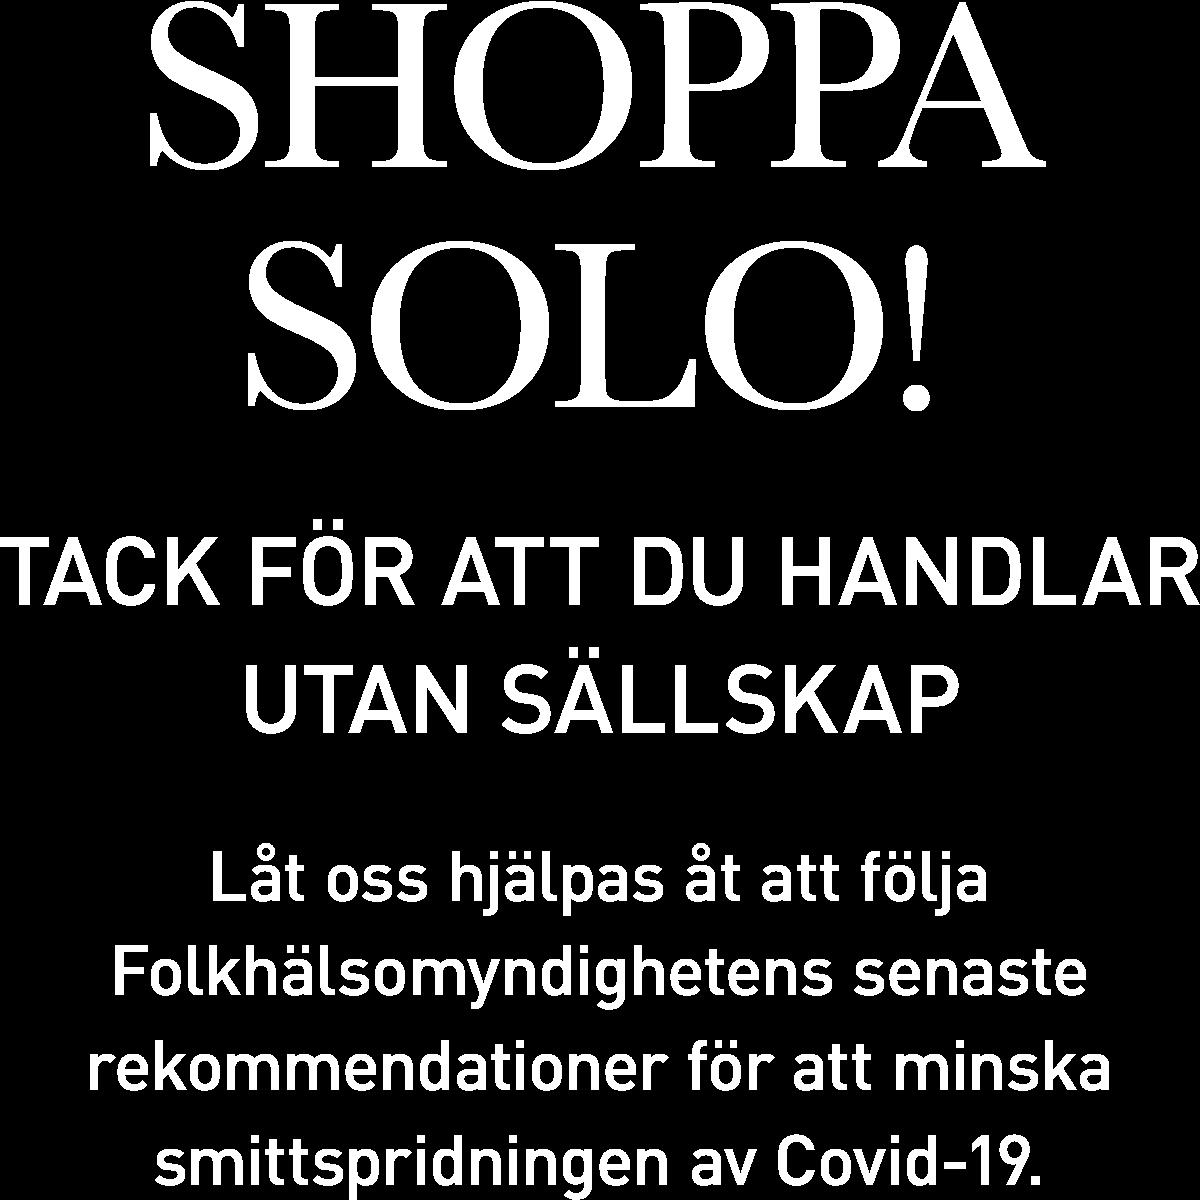 Shoppa solo! Tack för att du handlar utan sällskap.